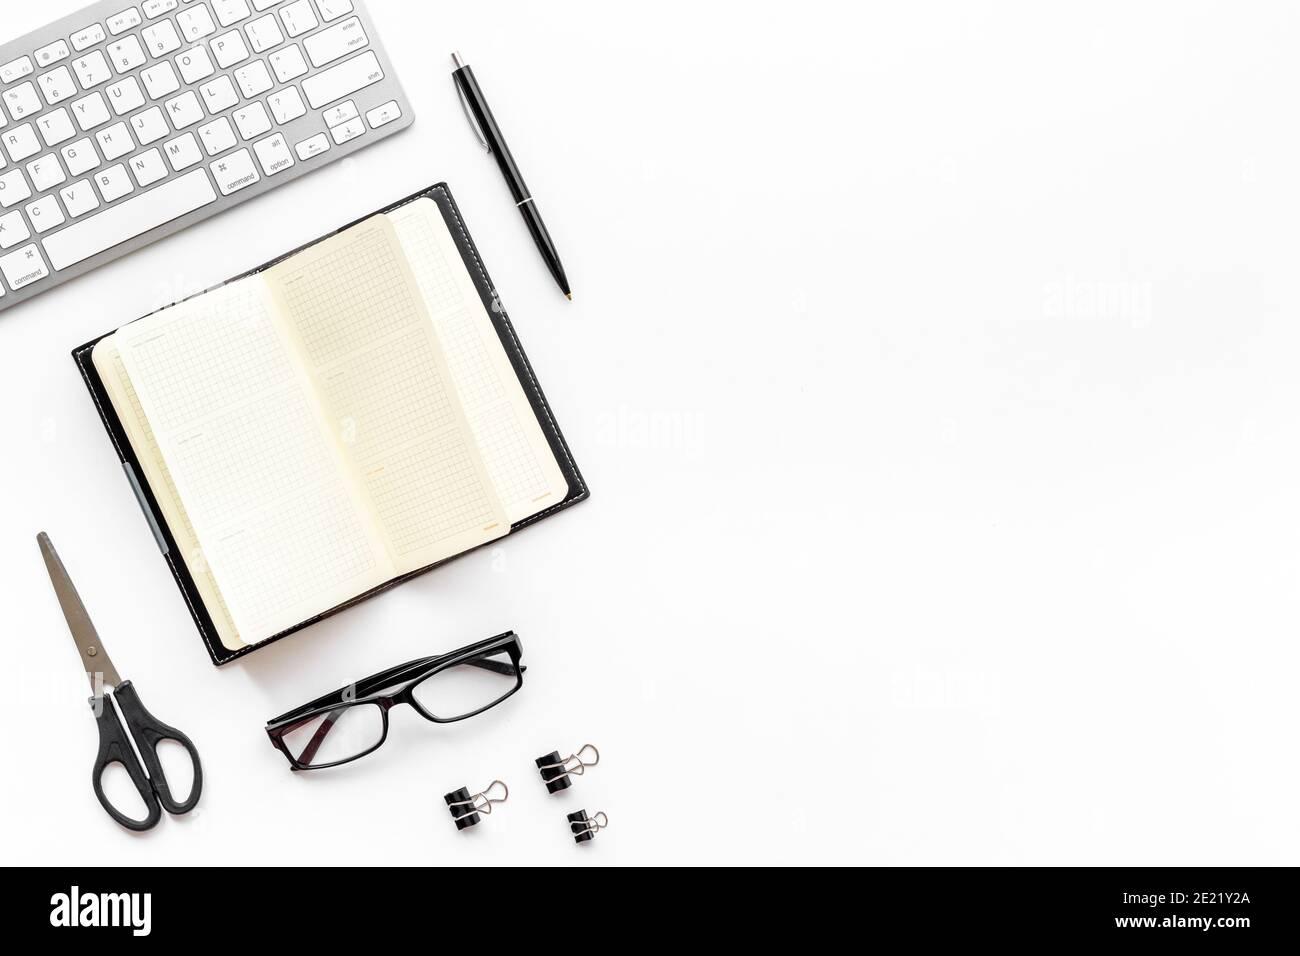 Bureau à plat avec clavier et fournitures de bureau Banque D'Images